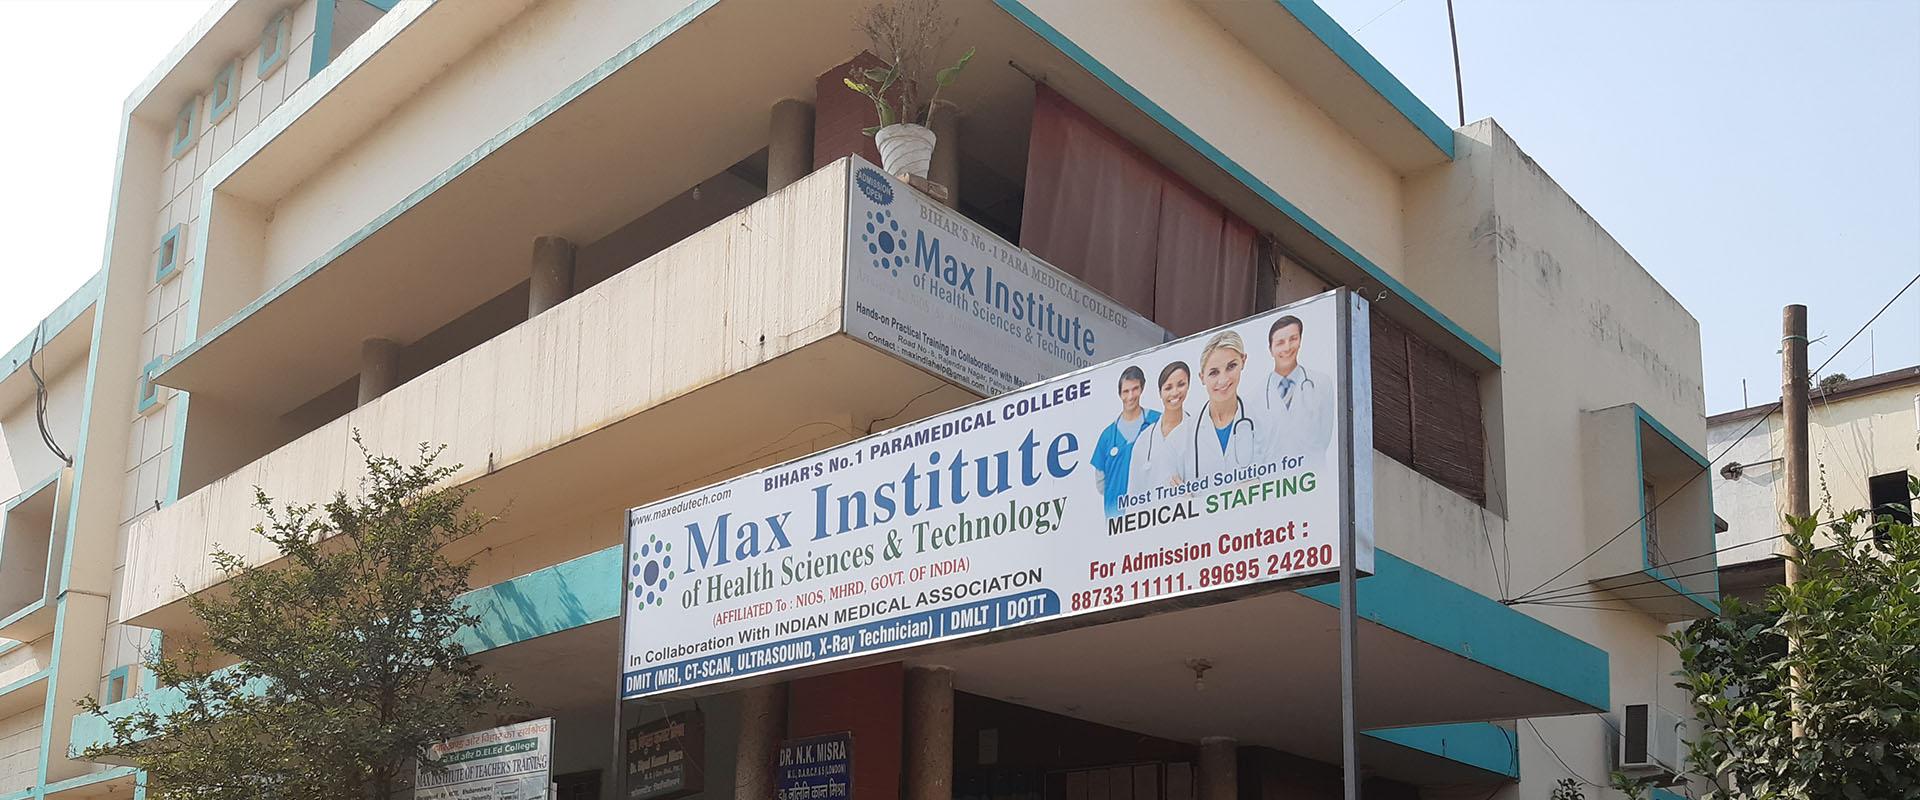 Paramedical college in Patna, Bihar   Max Institute, Paramedical